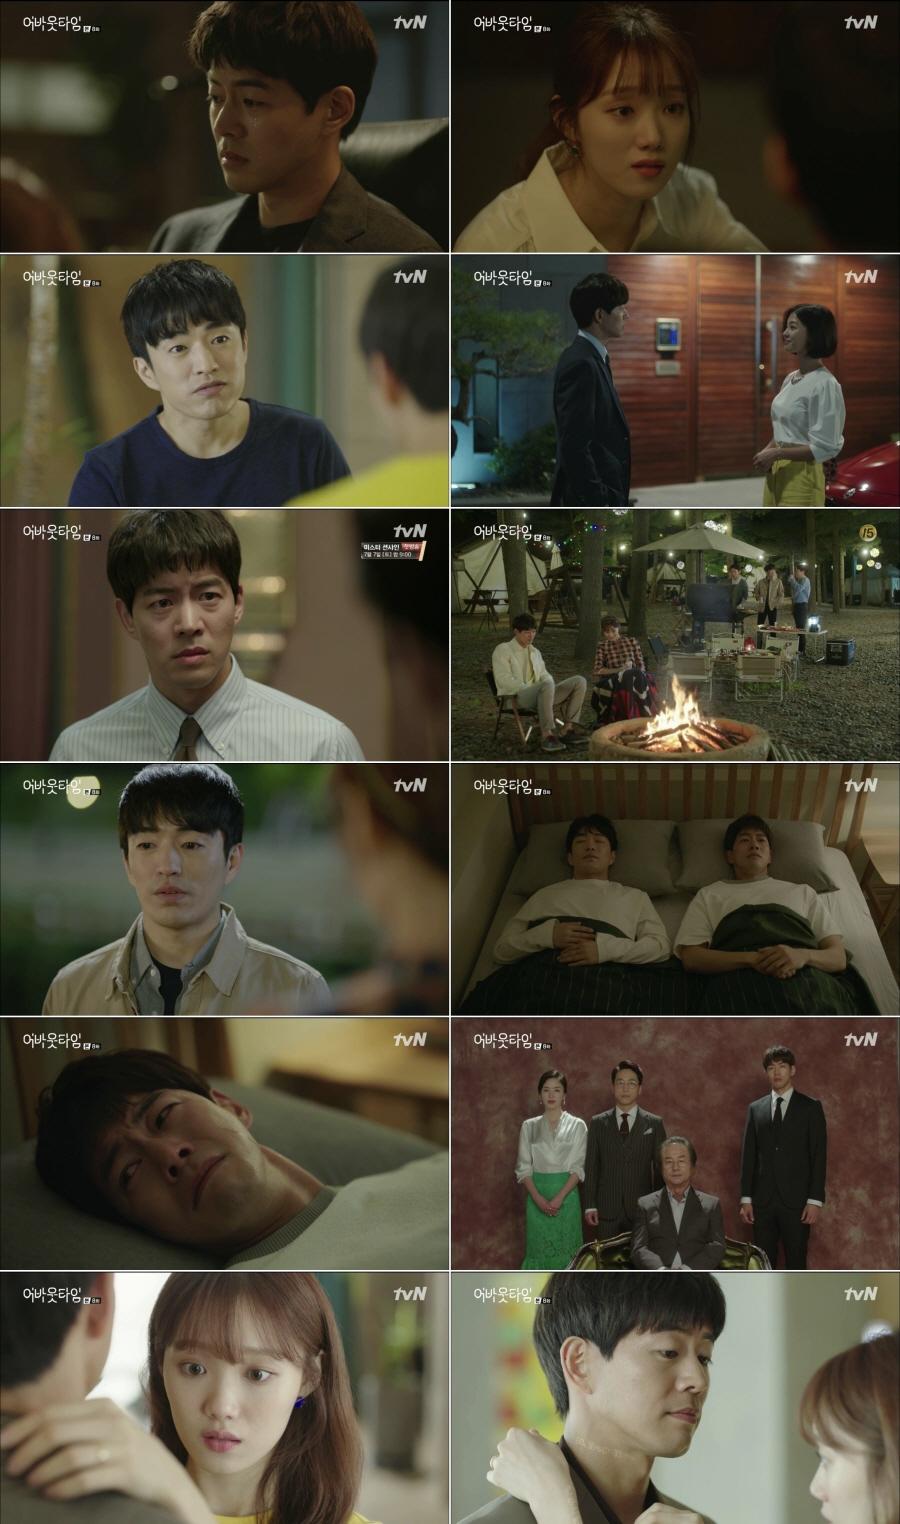 '어바웃타임' 이상윤, 정문성 사망에 오열··· 이성경, 수명시계 맞교환 엔딩 '경악'